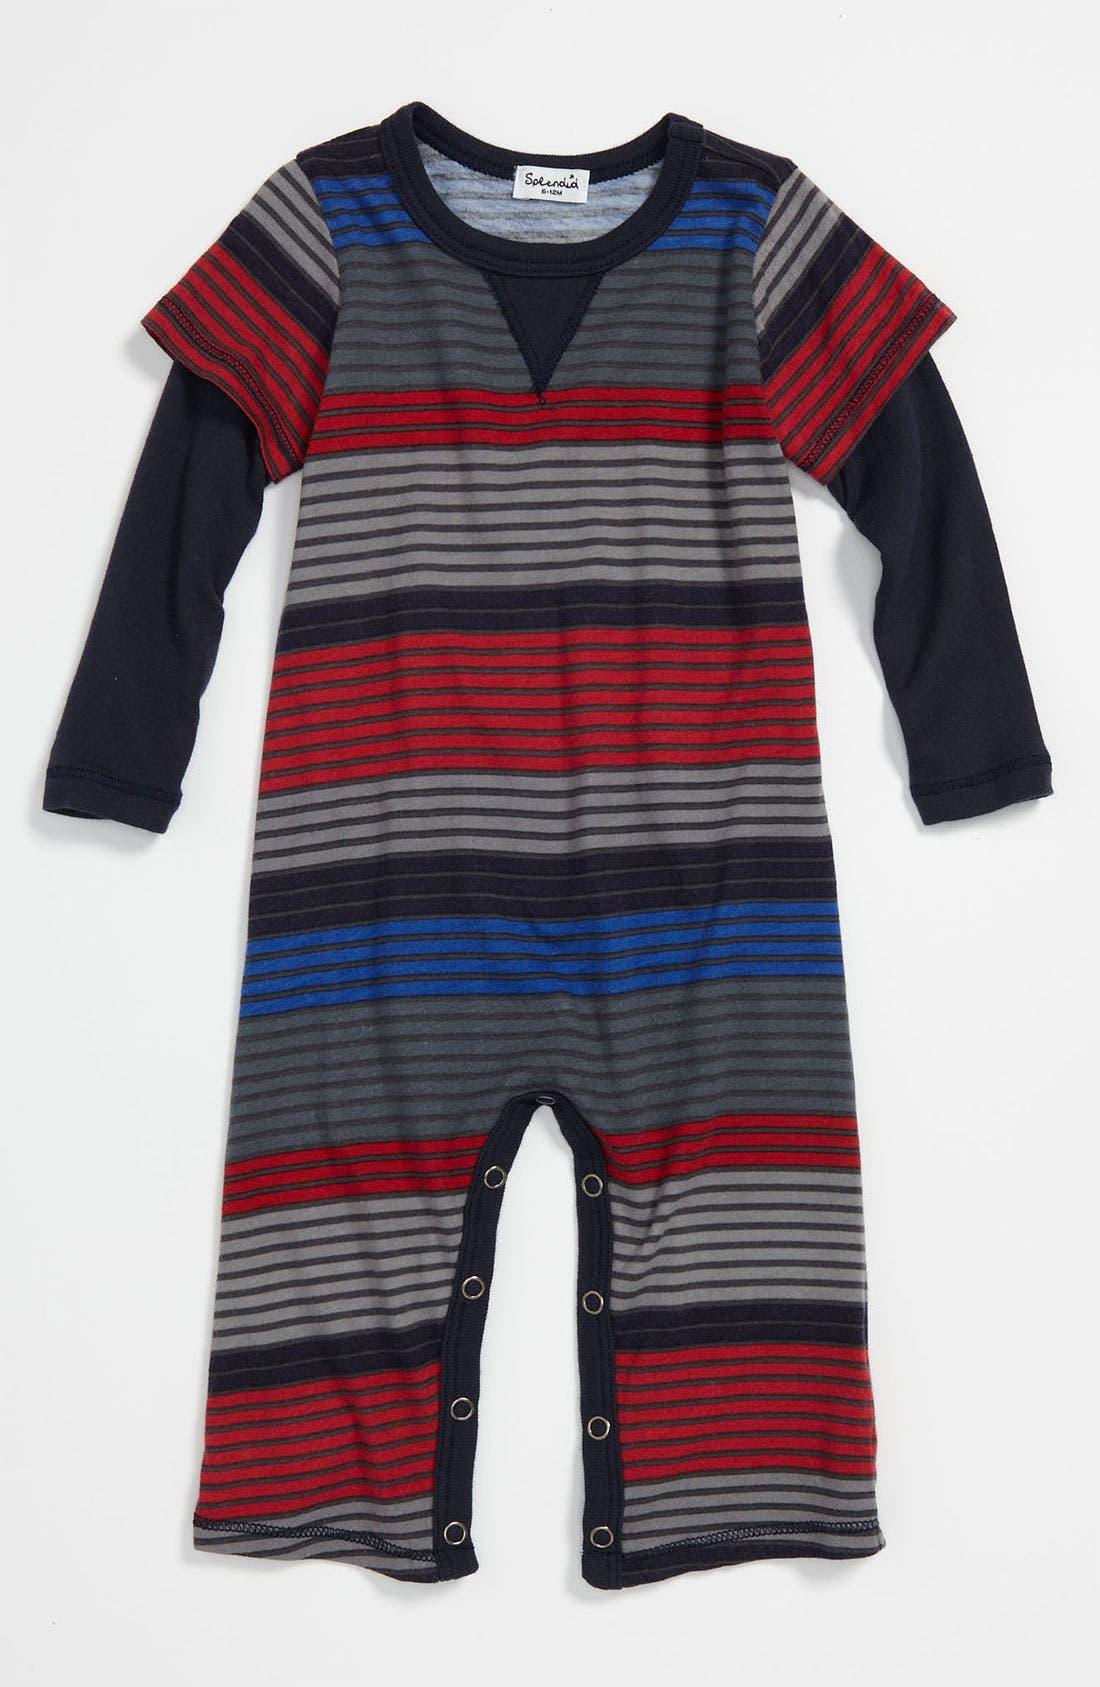 Alternate Image 1 Selected - Splendid 'Camden' Stripe Romper (Infant)